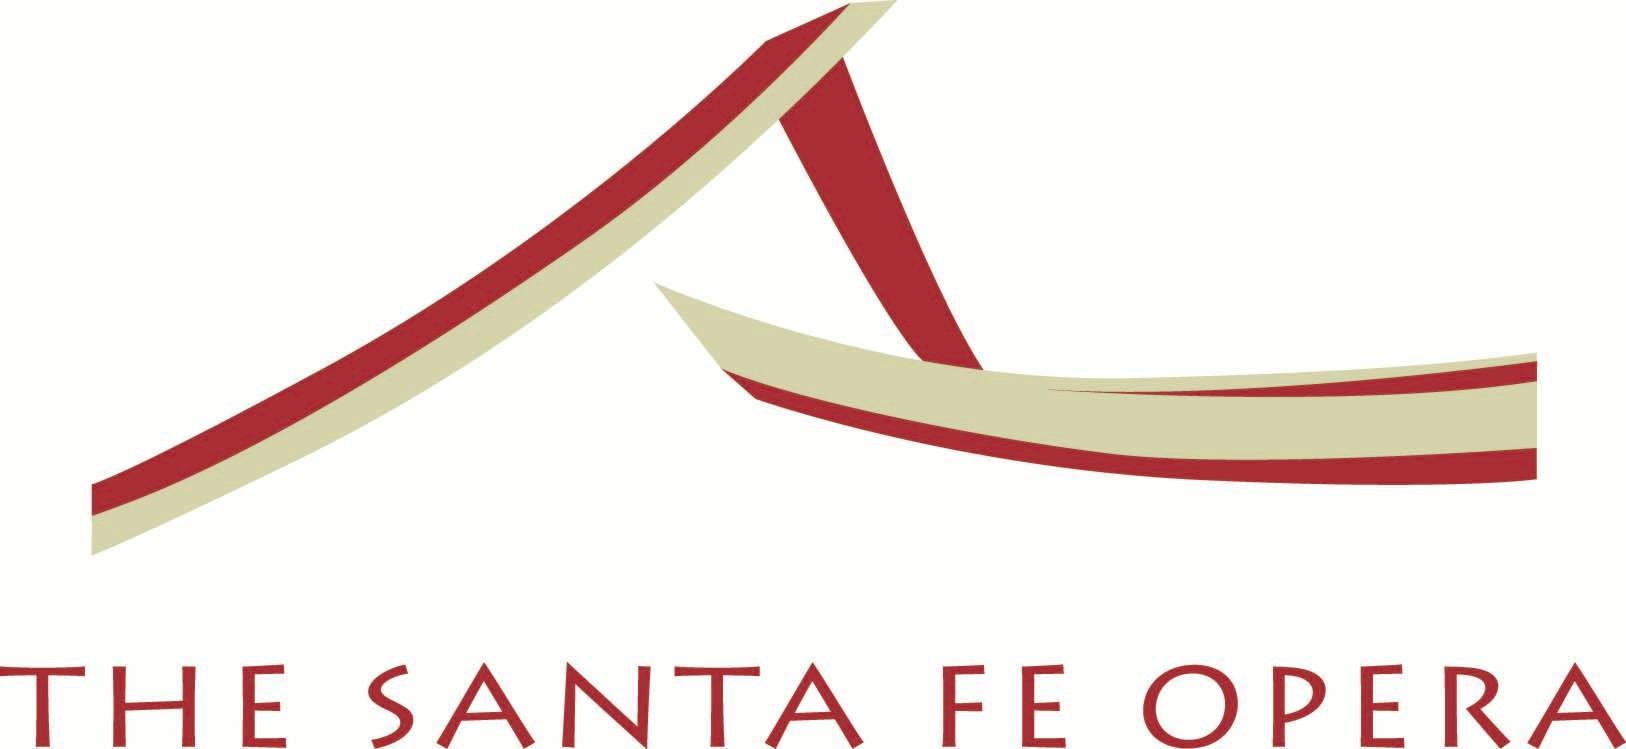 Santa-Fe-Opera-logo.jpg